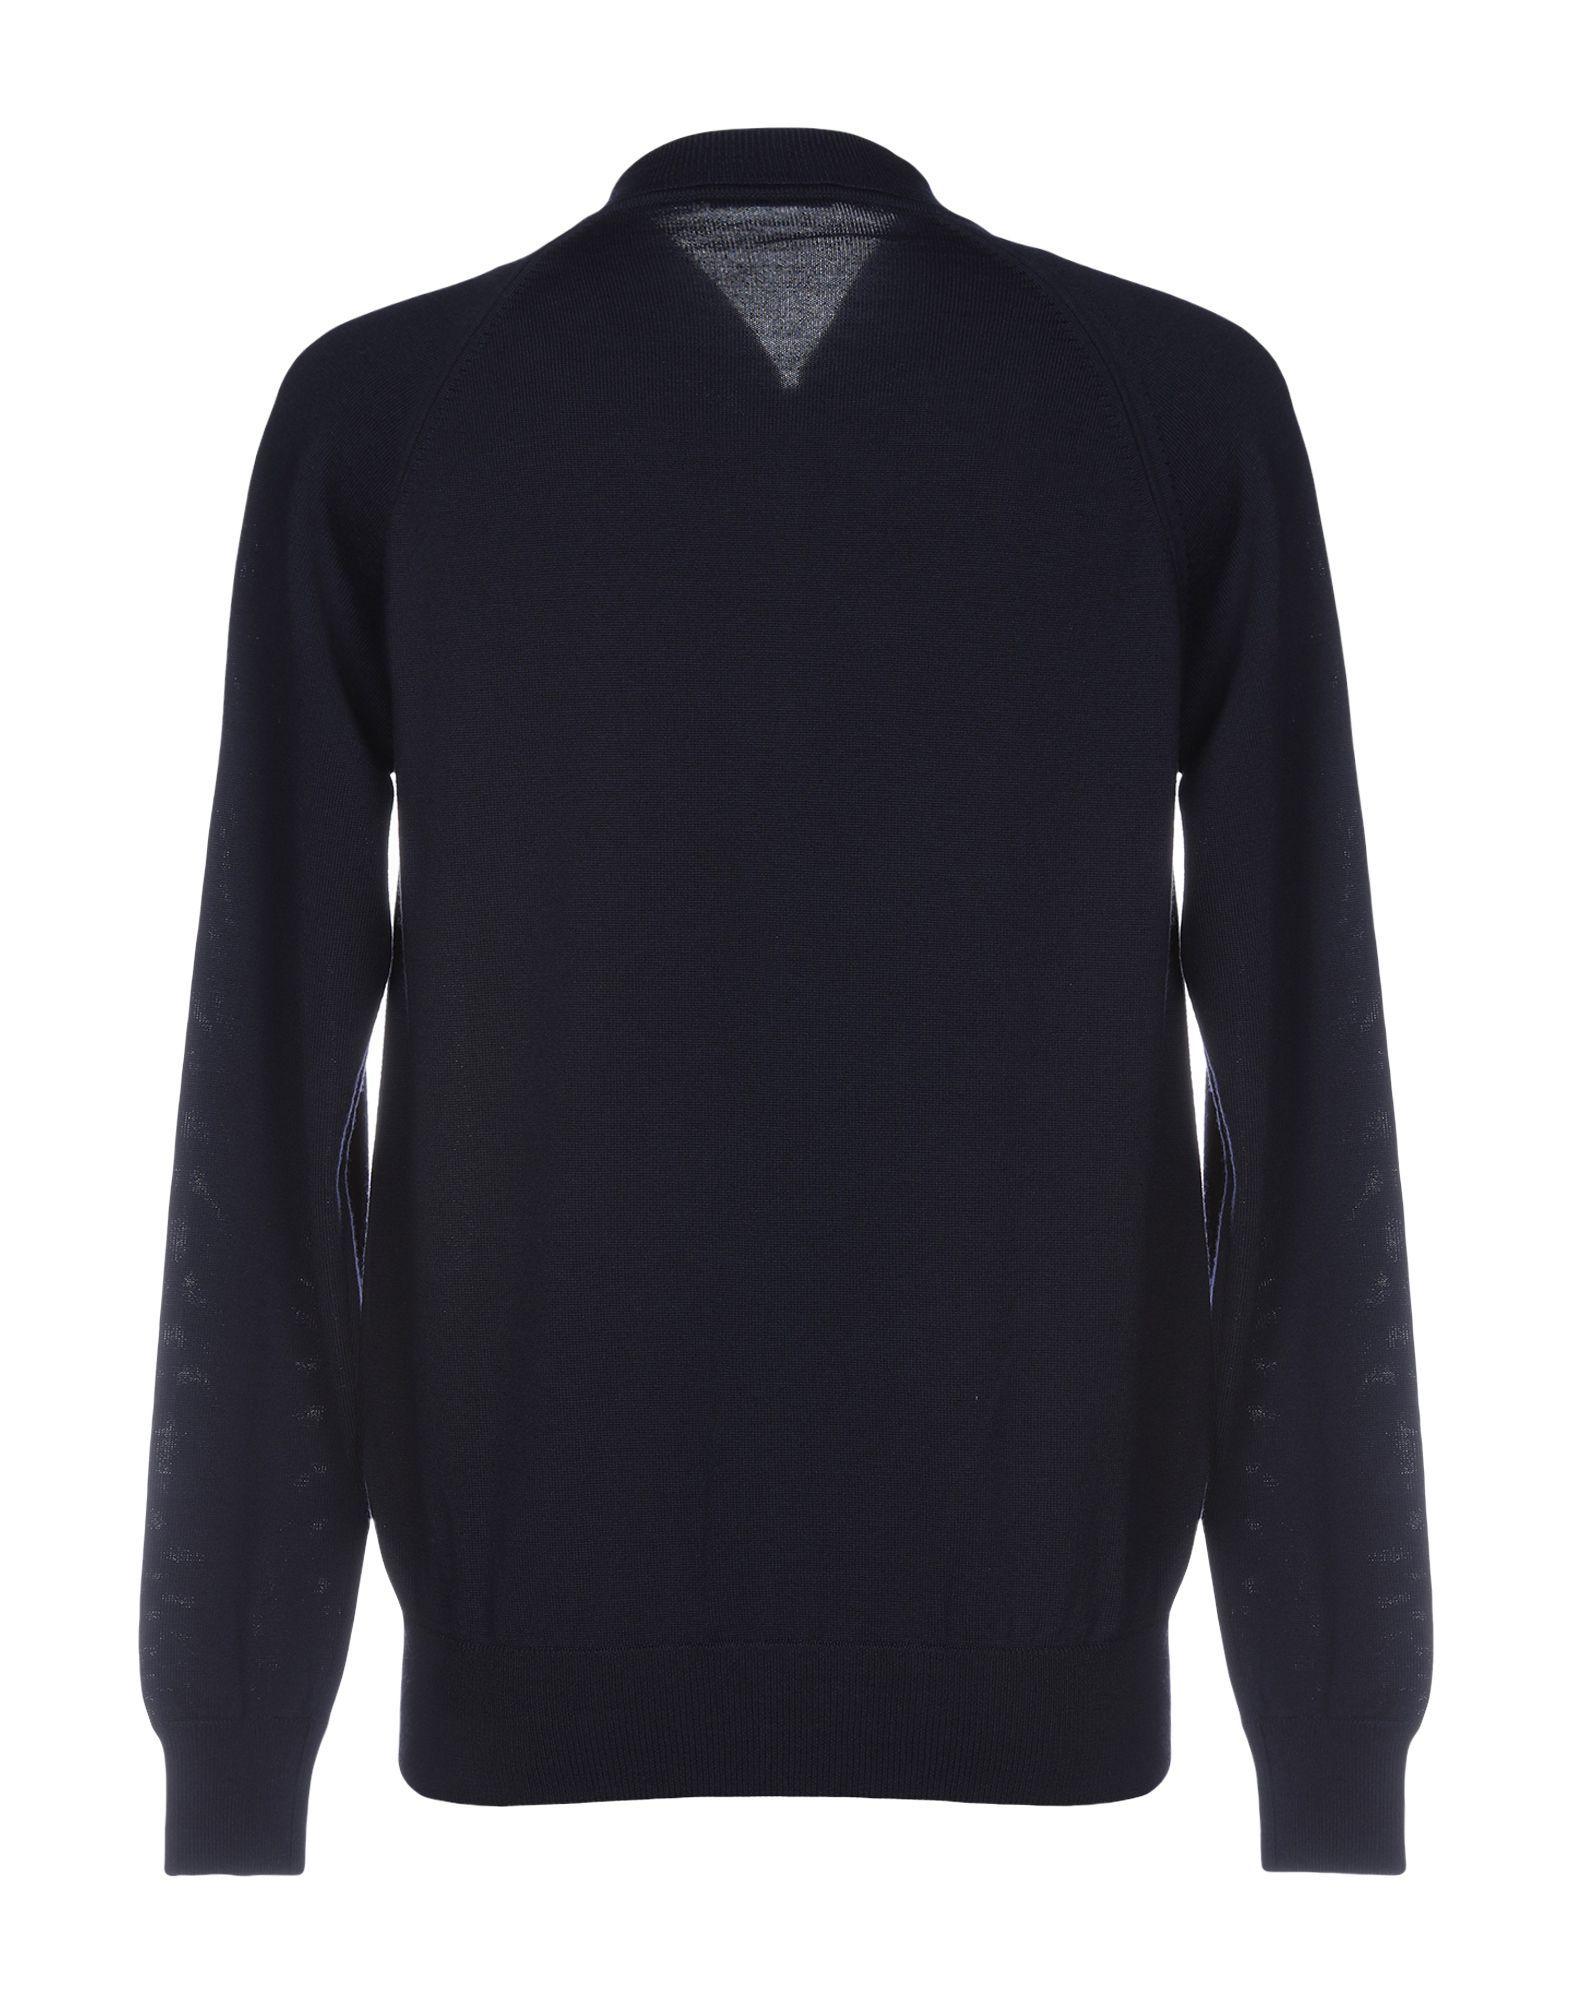 KNITWEAR Paolo Pecora Dark blue Man Wool